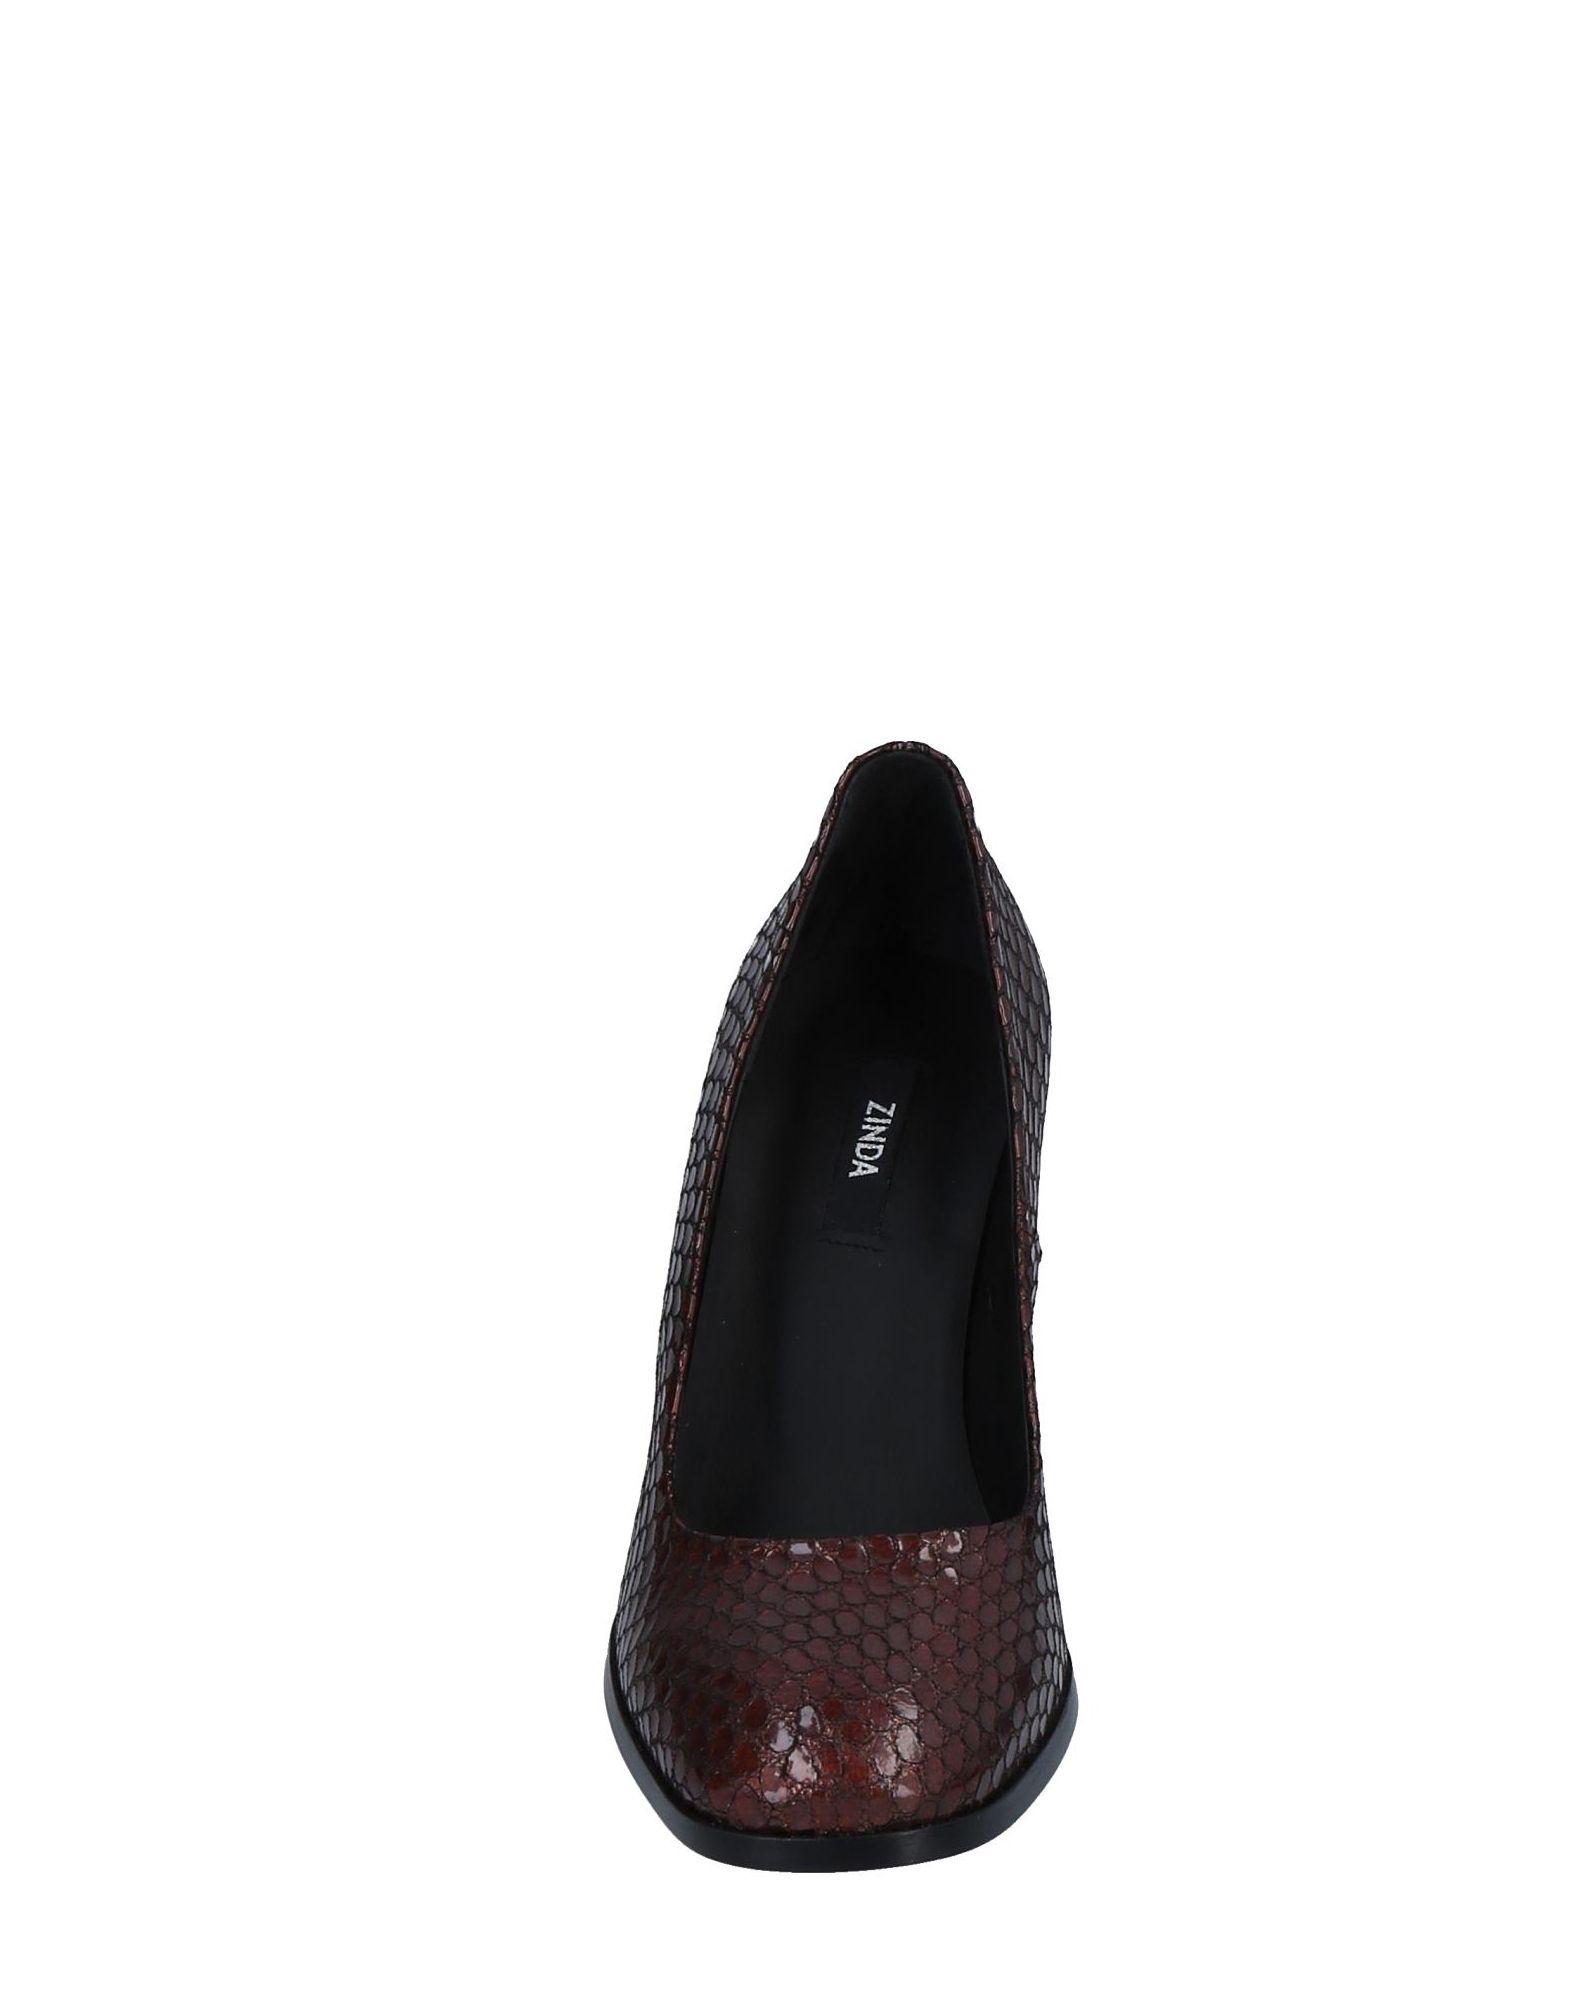 Zinda Pumps Damen  beliebte 11518068PQ Gute Qualität beliebte  Schuhe ed5ddd